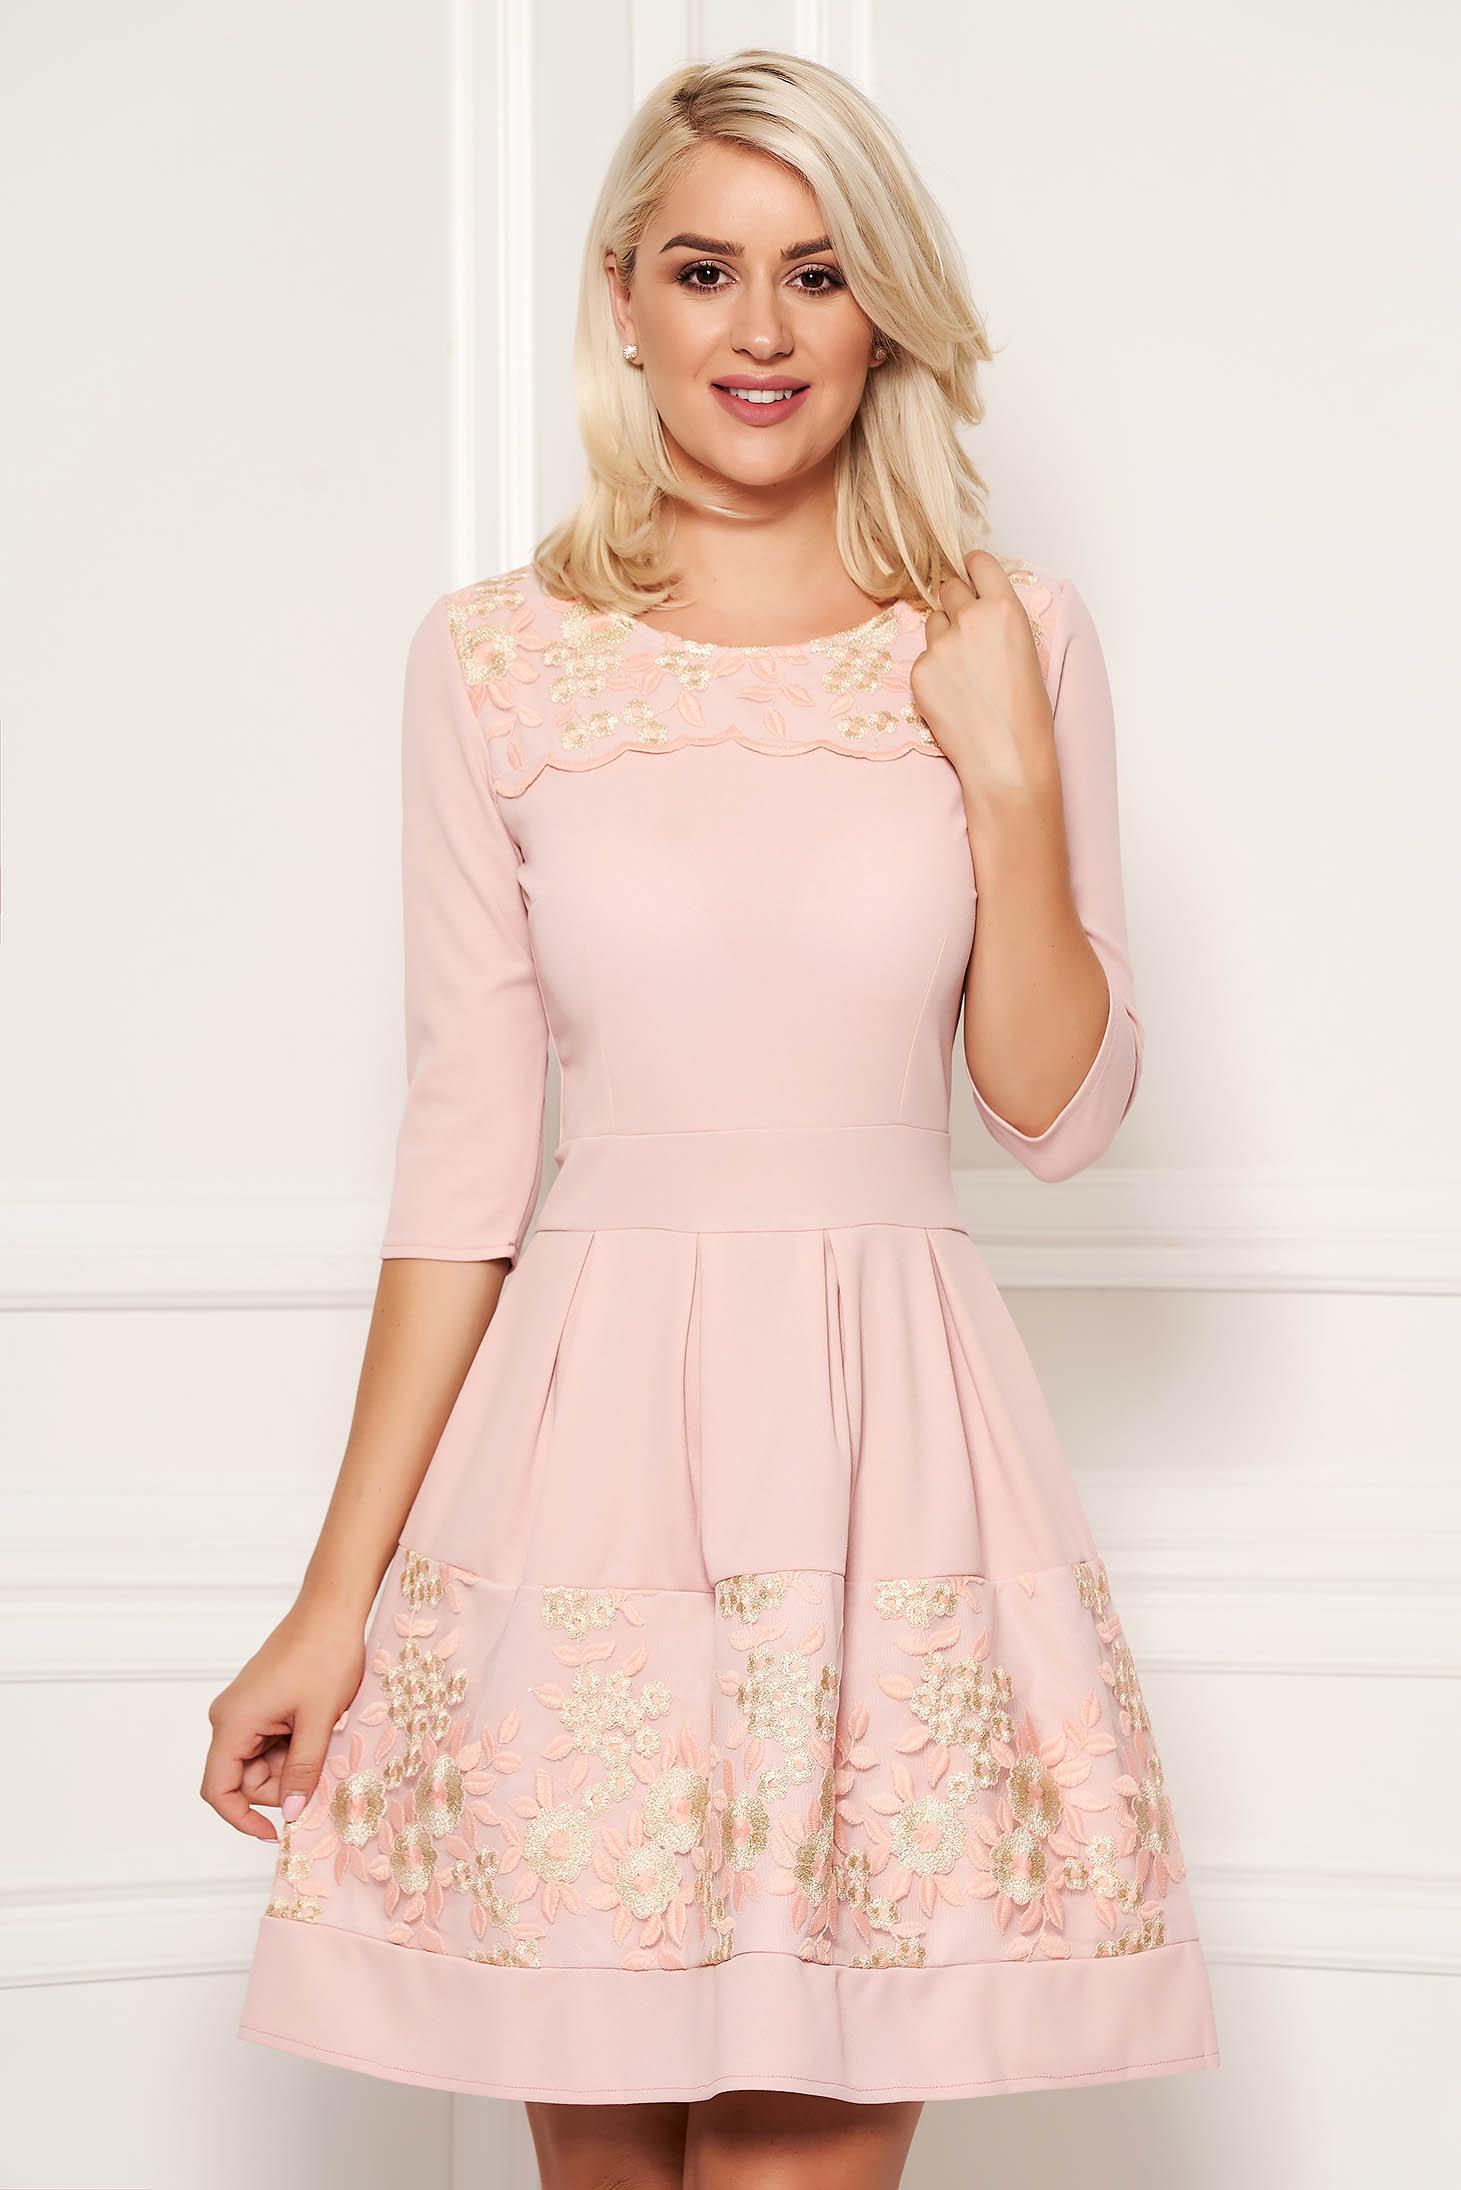 Rochie roz deschis eleganta in clos din scuba cu maneci trei-sferturi si decolteu la baza gatului